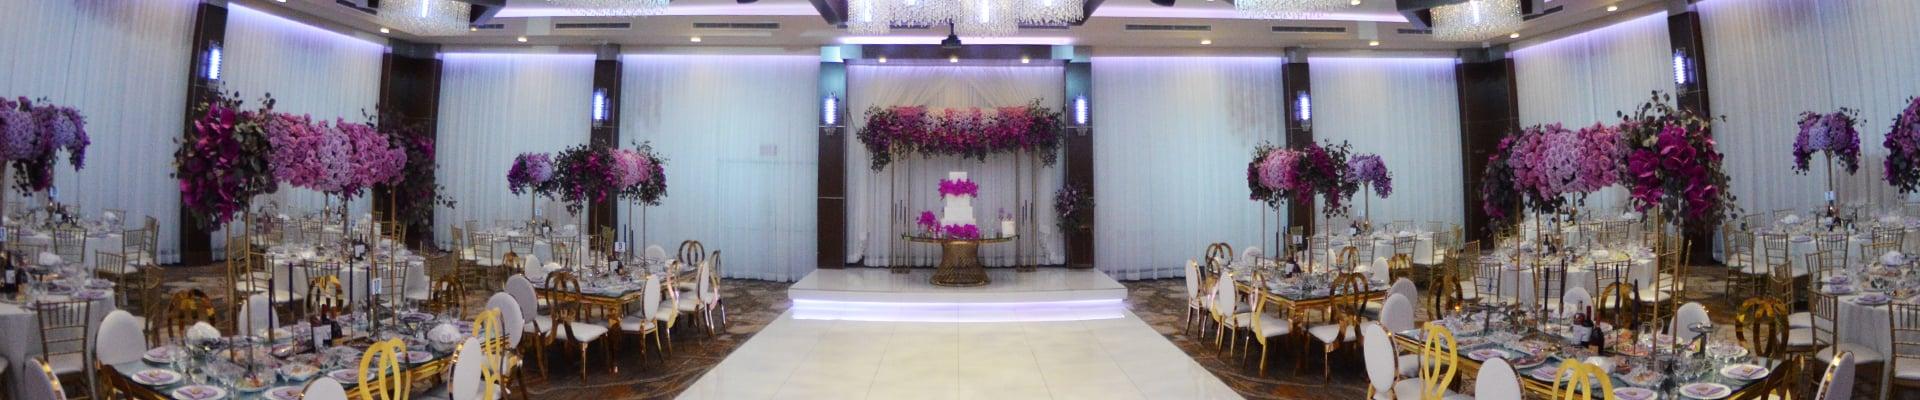 Metropol Banquet Hall - Quinceañera Venue